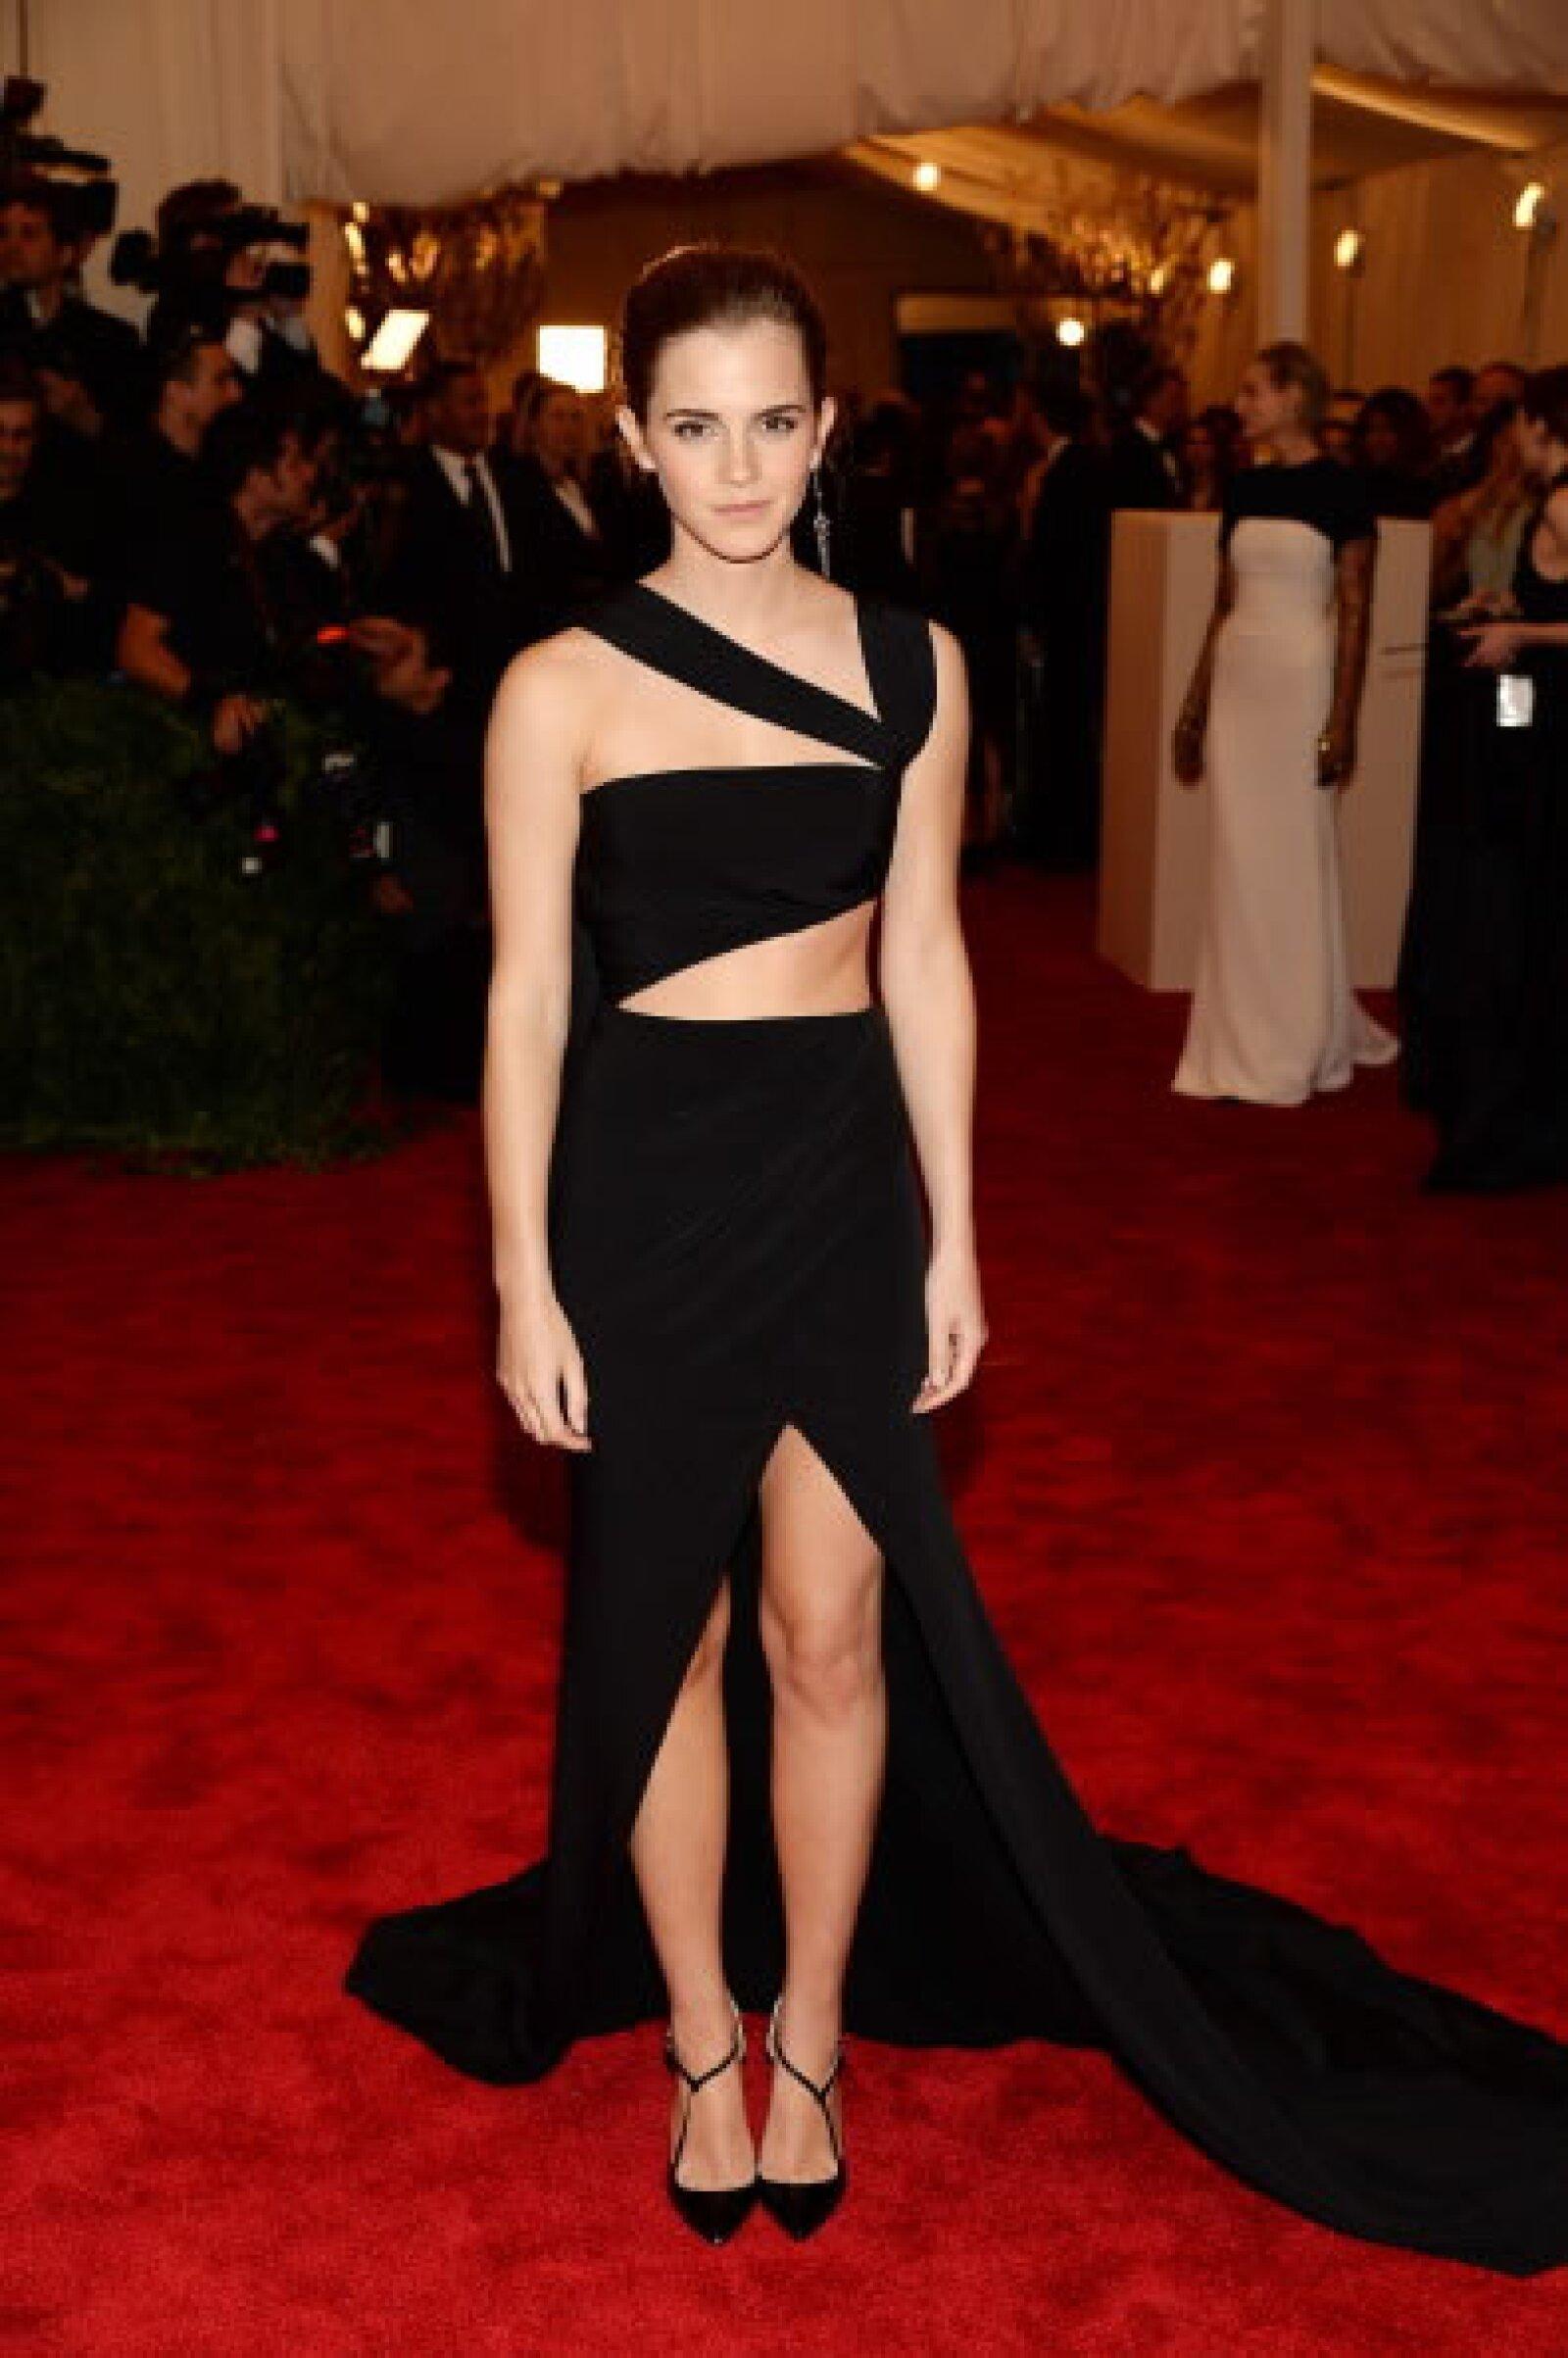 La estrella de Harry Potter se presentó a la gala Punk: Chaos to Couture en un vestido cutout negro, muy adhoc con la ocasión, su look fue edgy y muy sexy.